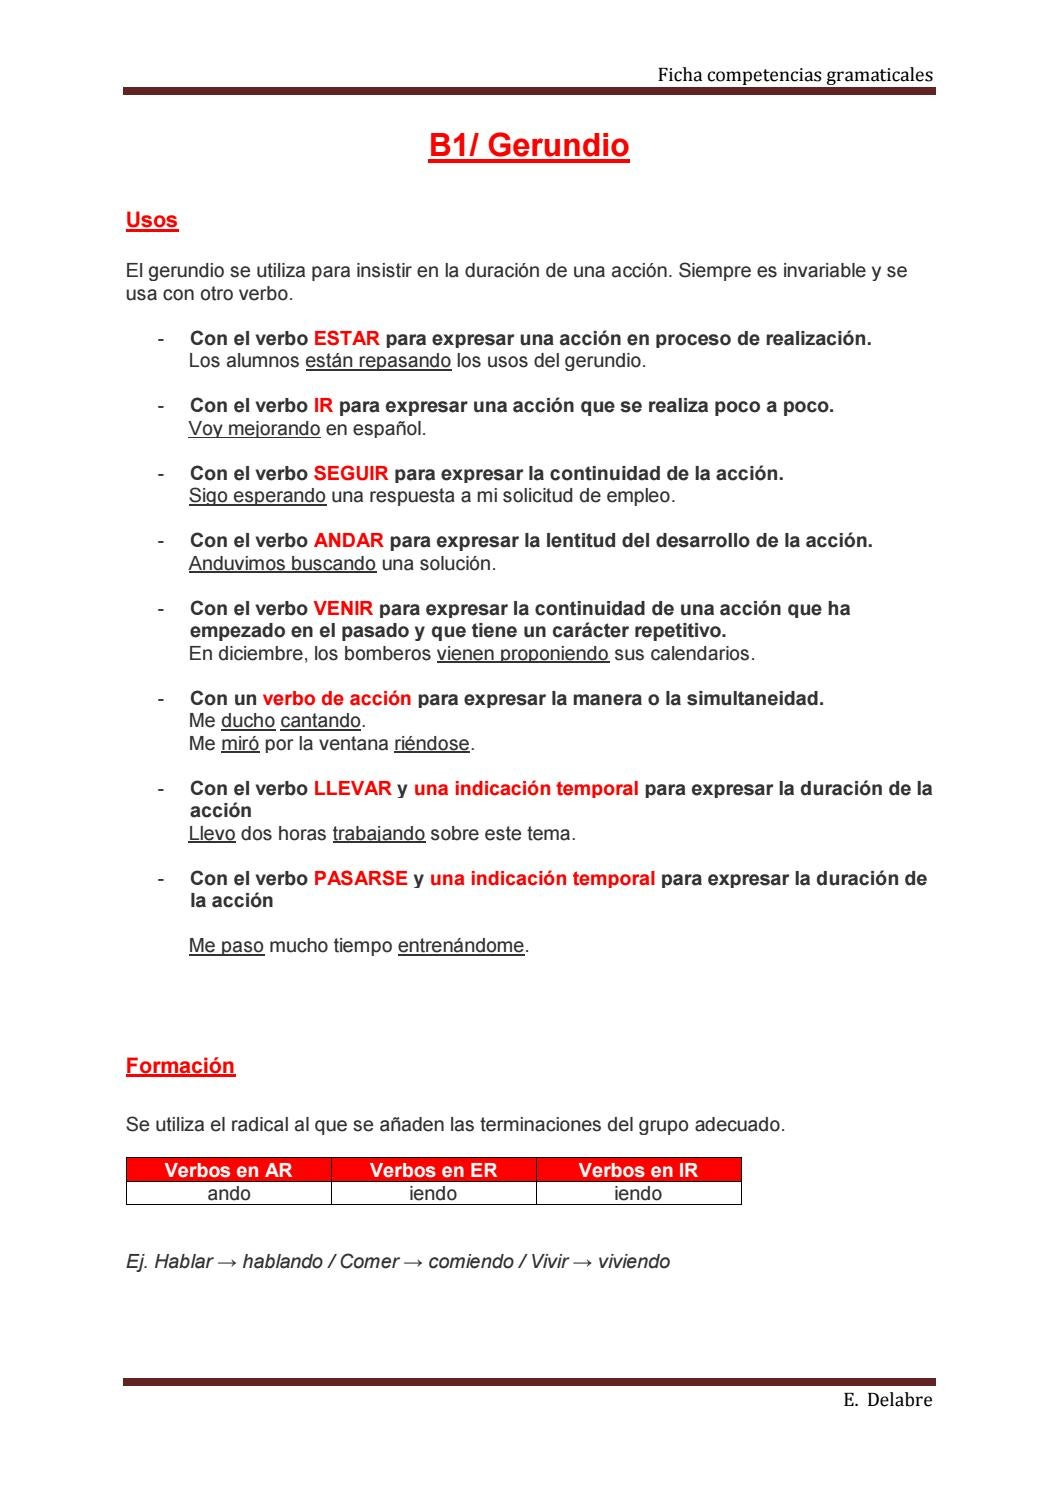 """Gramática b1 gerundio by Sanchez """"Huerto del idioma"""" Marjorie - issuu"""